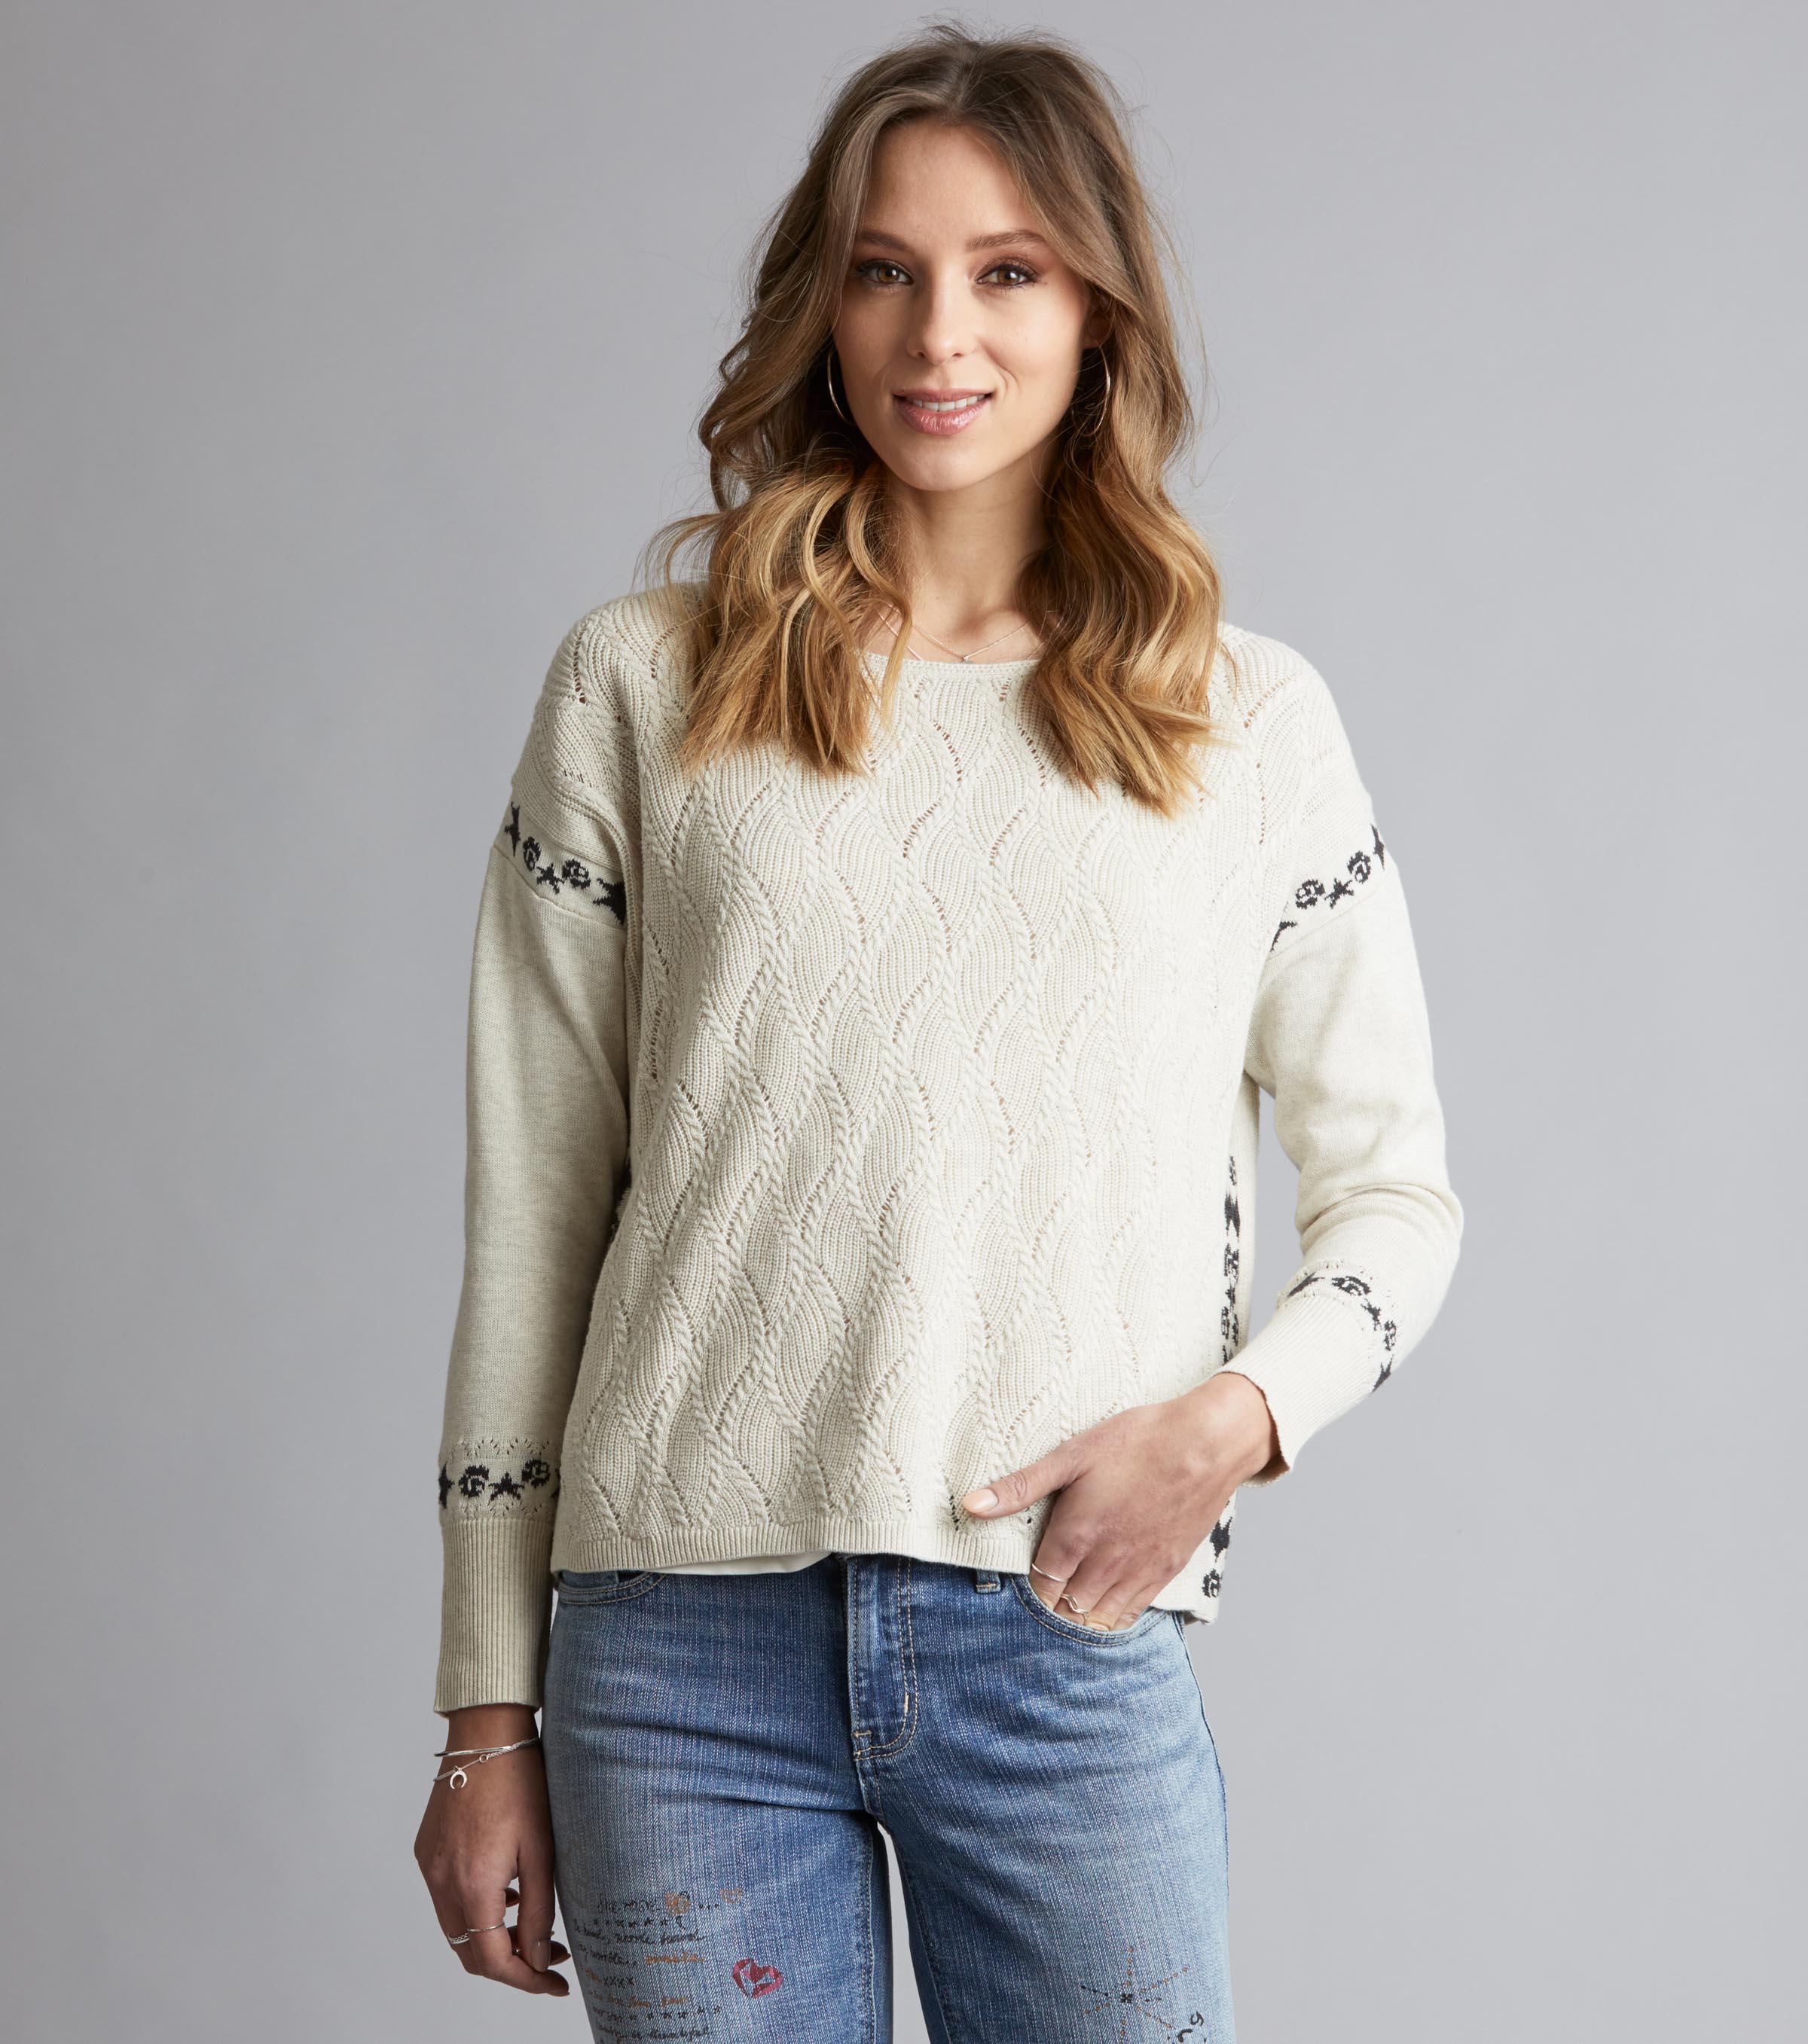 hoower sweater Odd Molly Free Shipping 2018 New ISbCxgWu